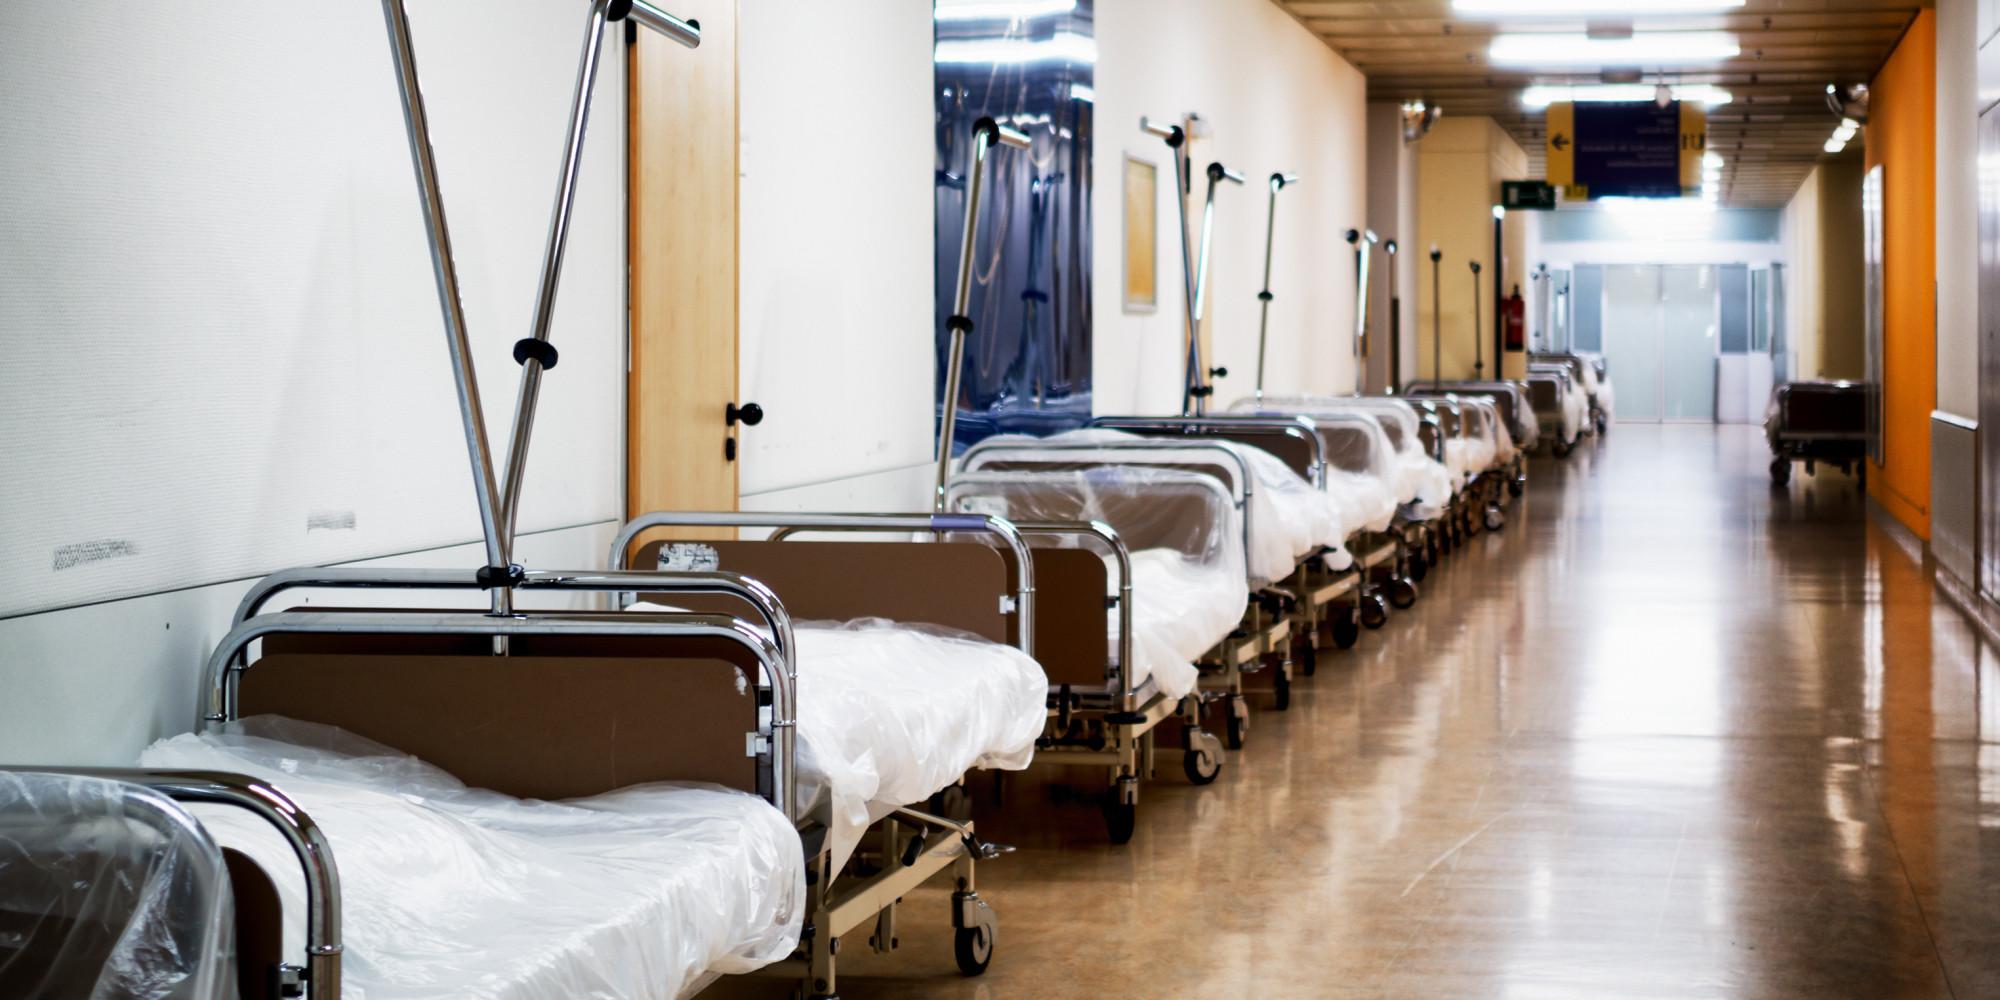 29 j hriger schleicht sich in krankenhaus zimmer und missbraucht schlafende 15 j hrige. Black Bedroom Furniture Sets. Home Design Ideas